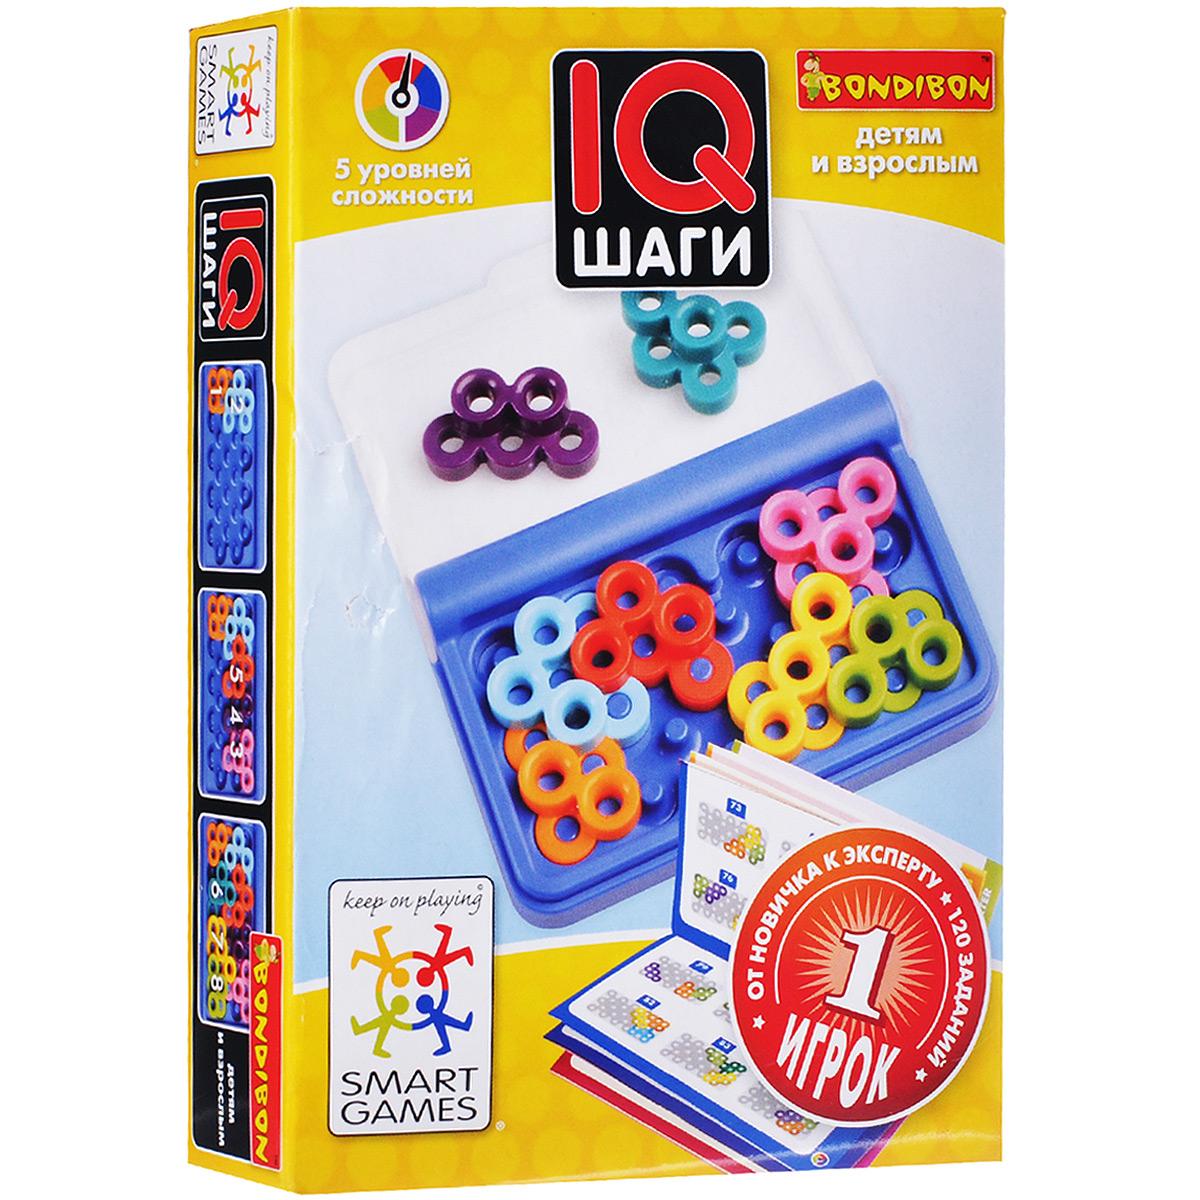 Bondibon Обучающая игра IQ шаги